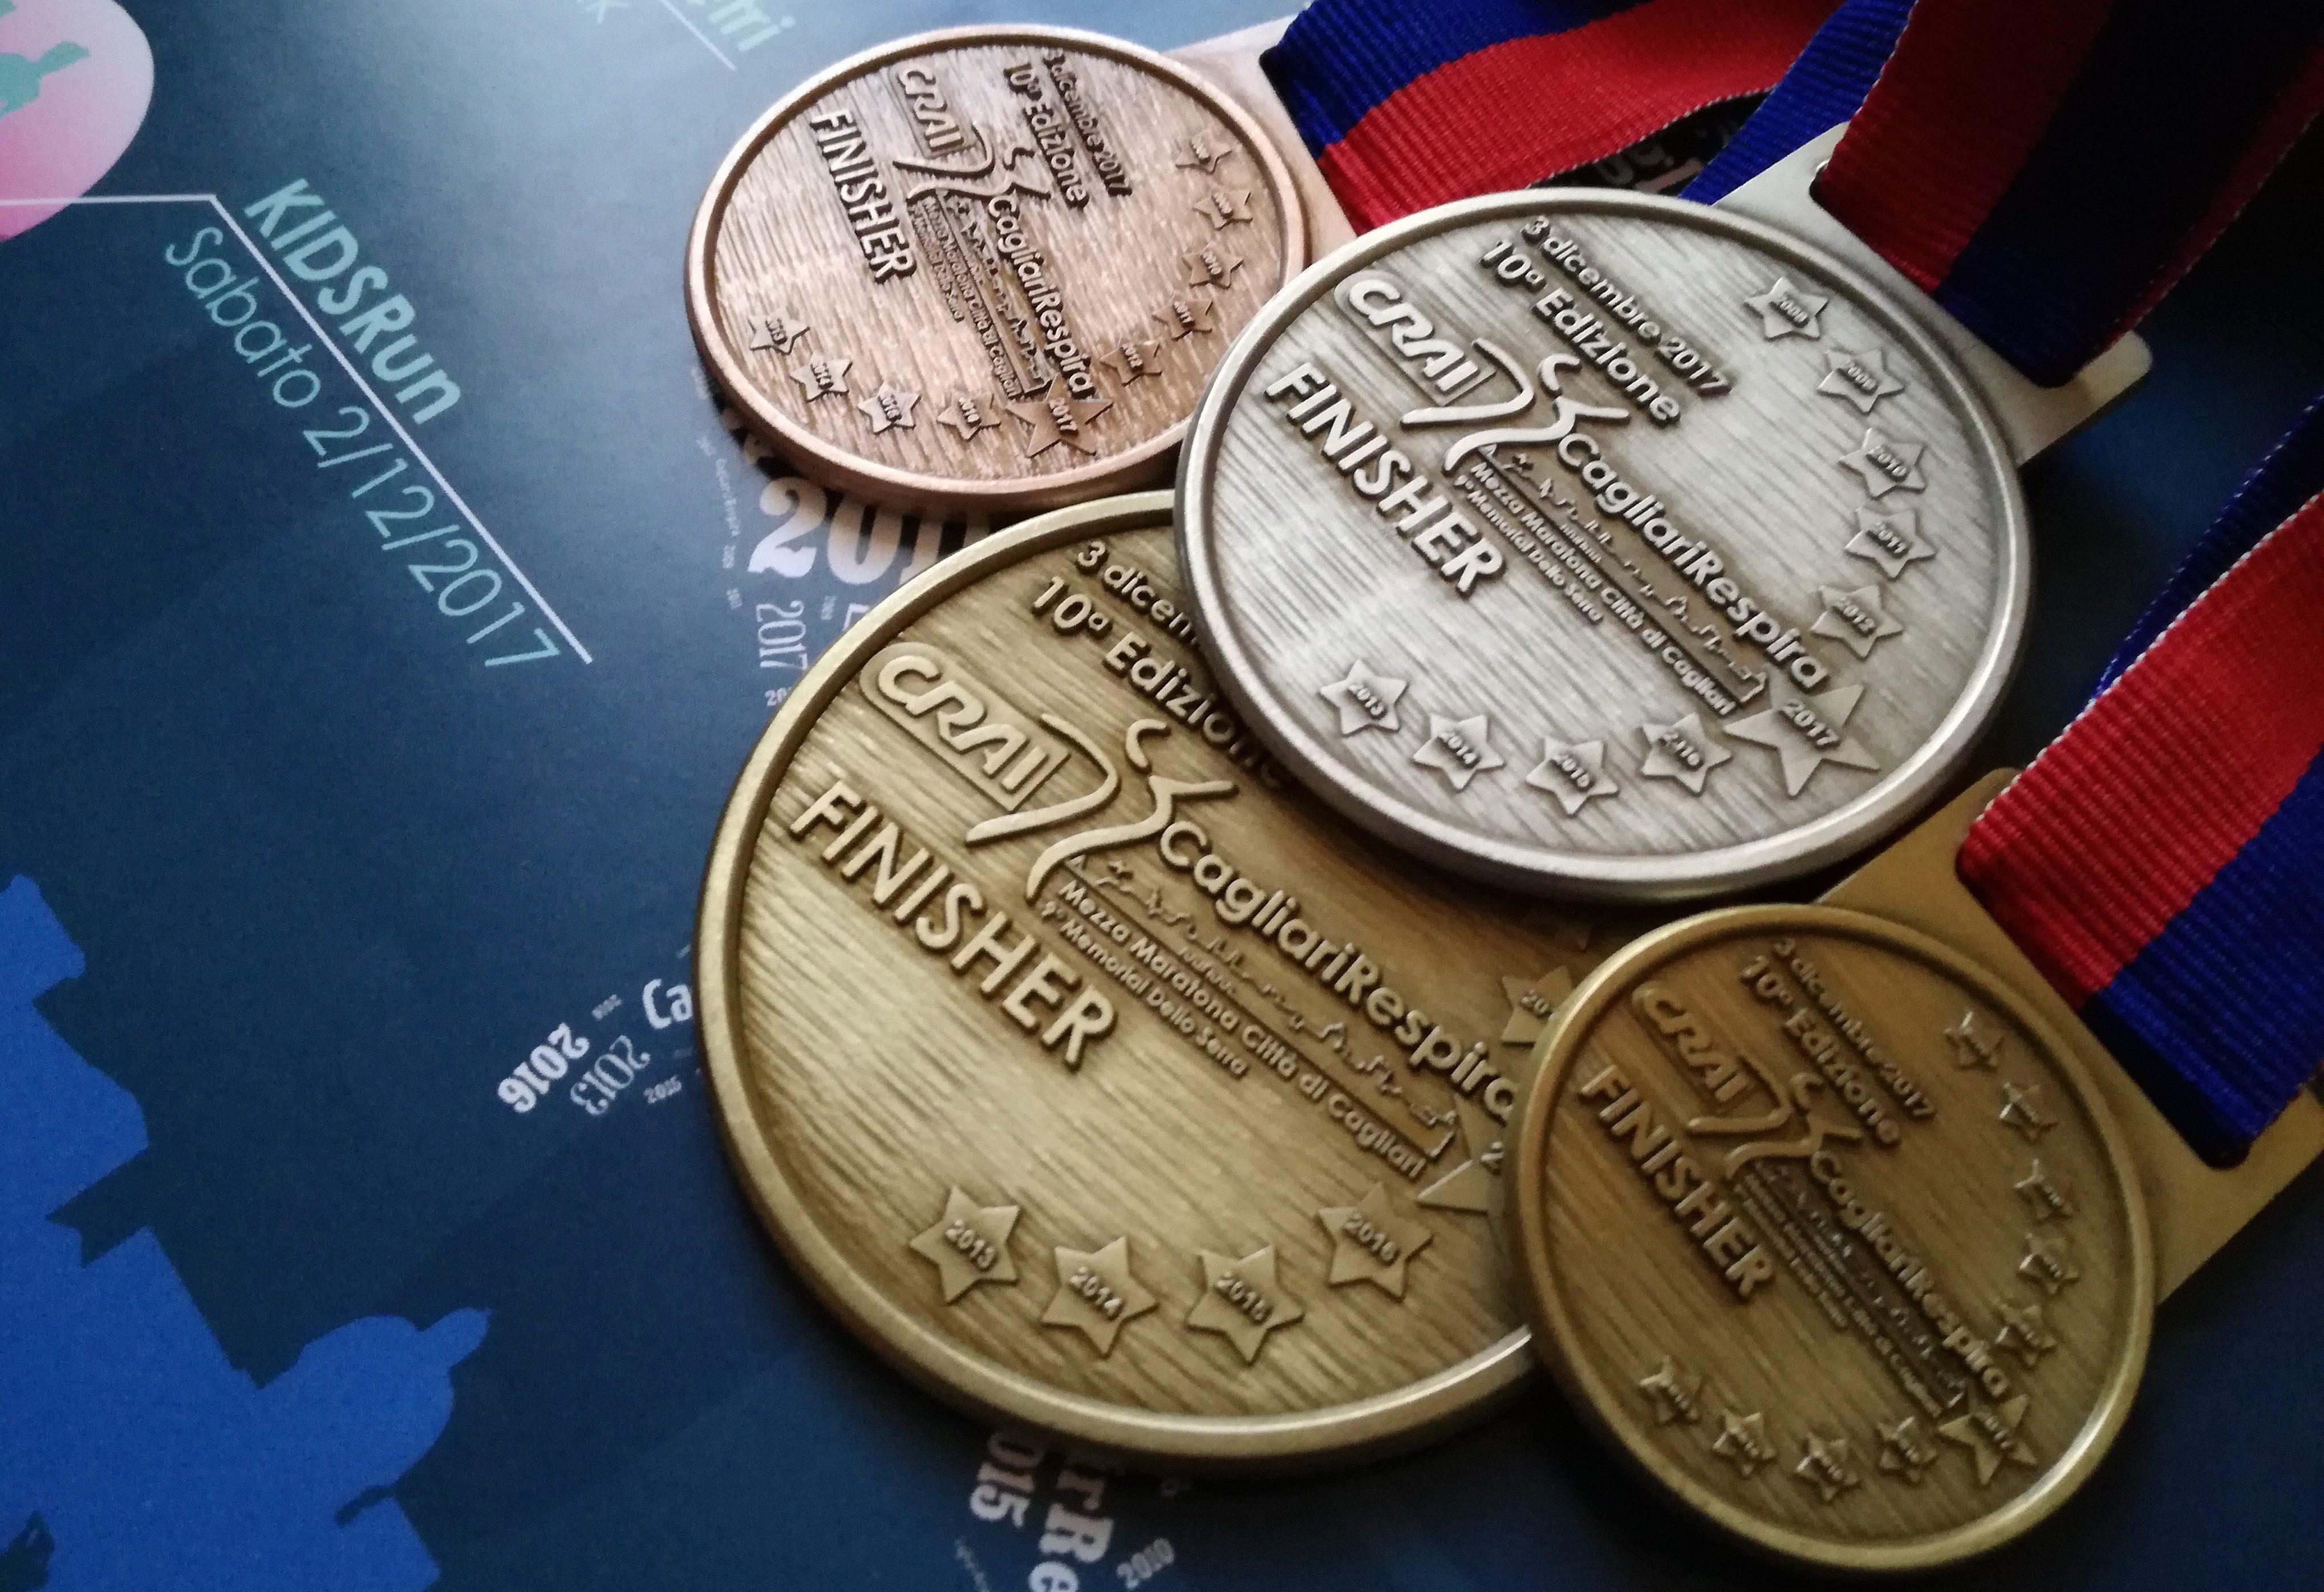 Le medaglie della CRAI CagliariRespira 2017